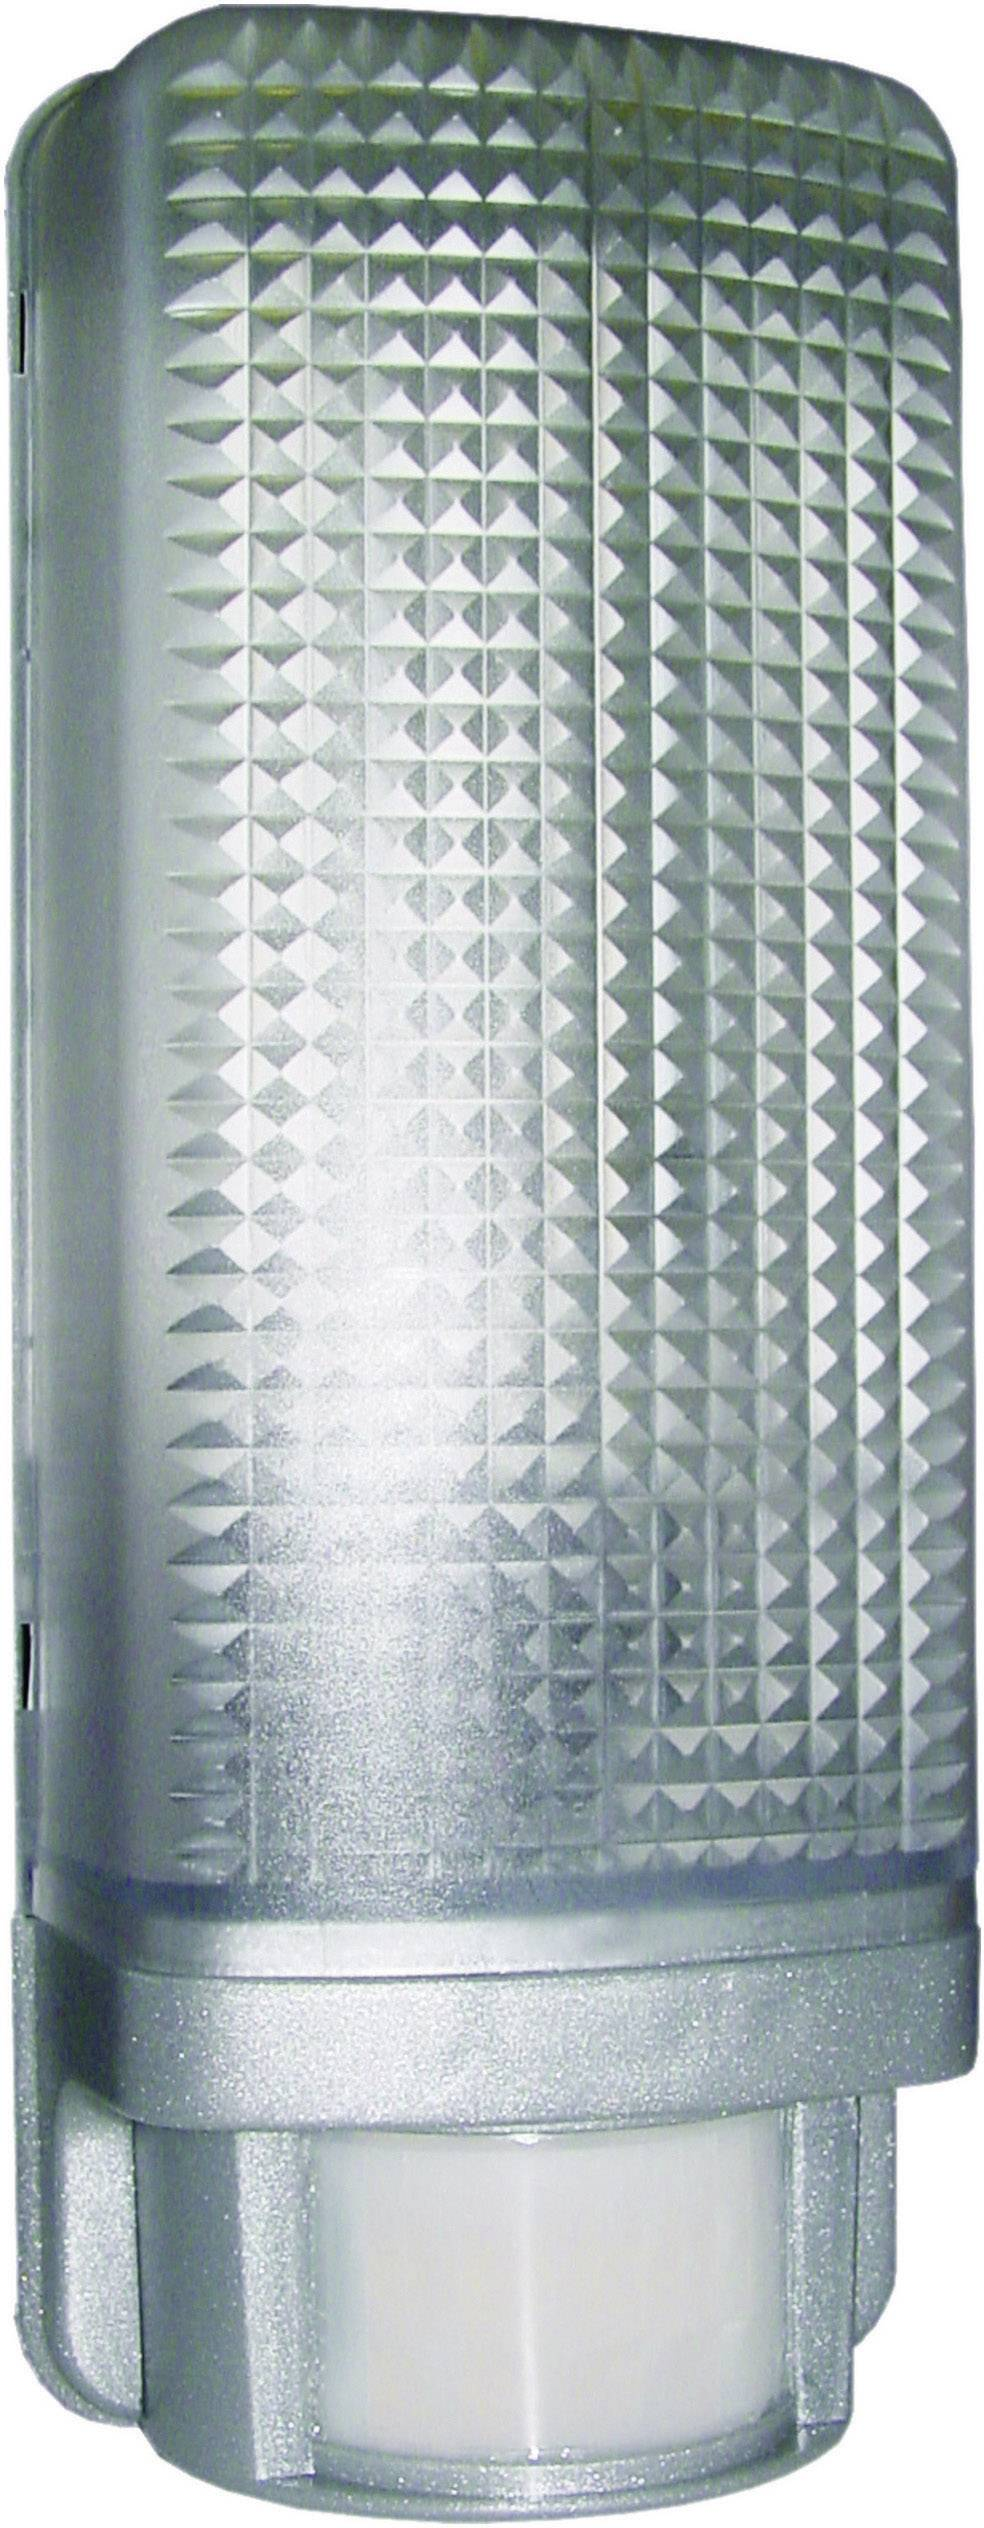 Vonkajšie nástennéosvetleniesPIR senzorom Smartwares ES88A 10.020.75, E27, 13 W, umelá hmota, striebornosivá